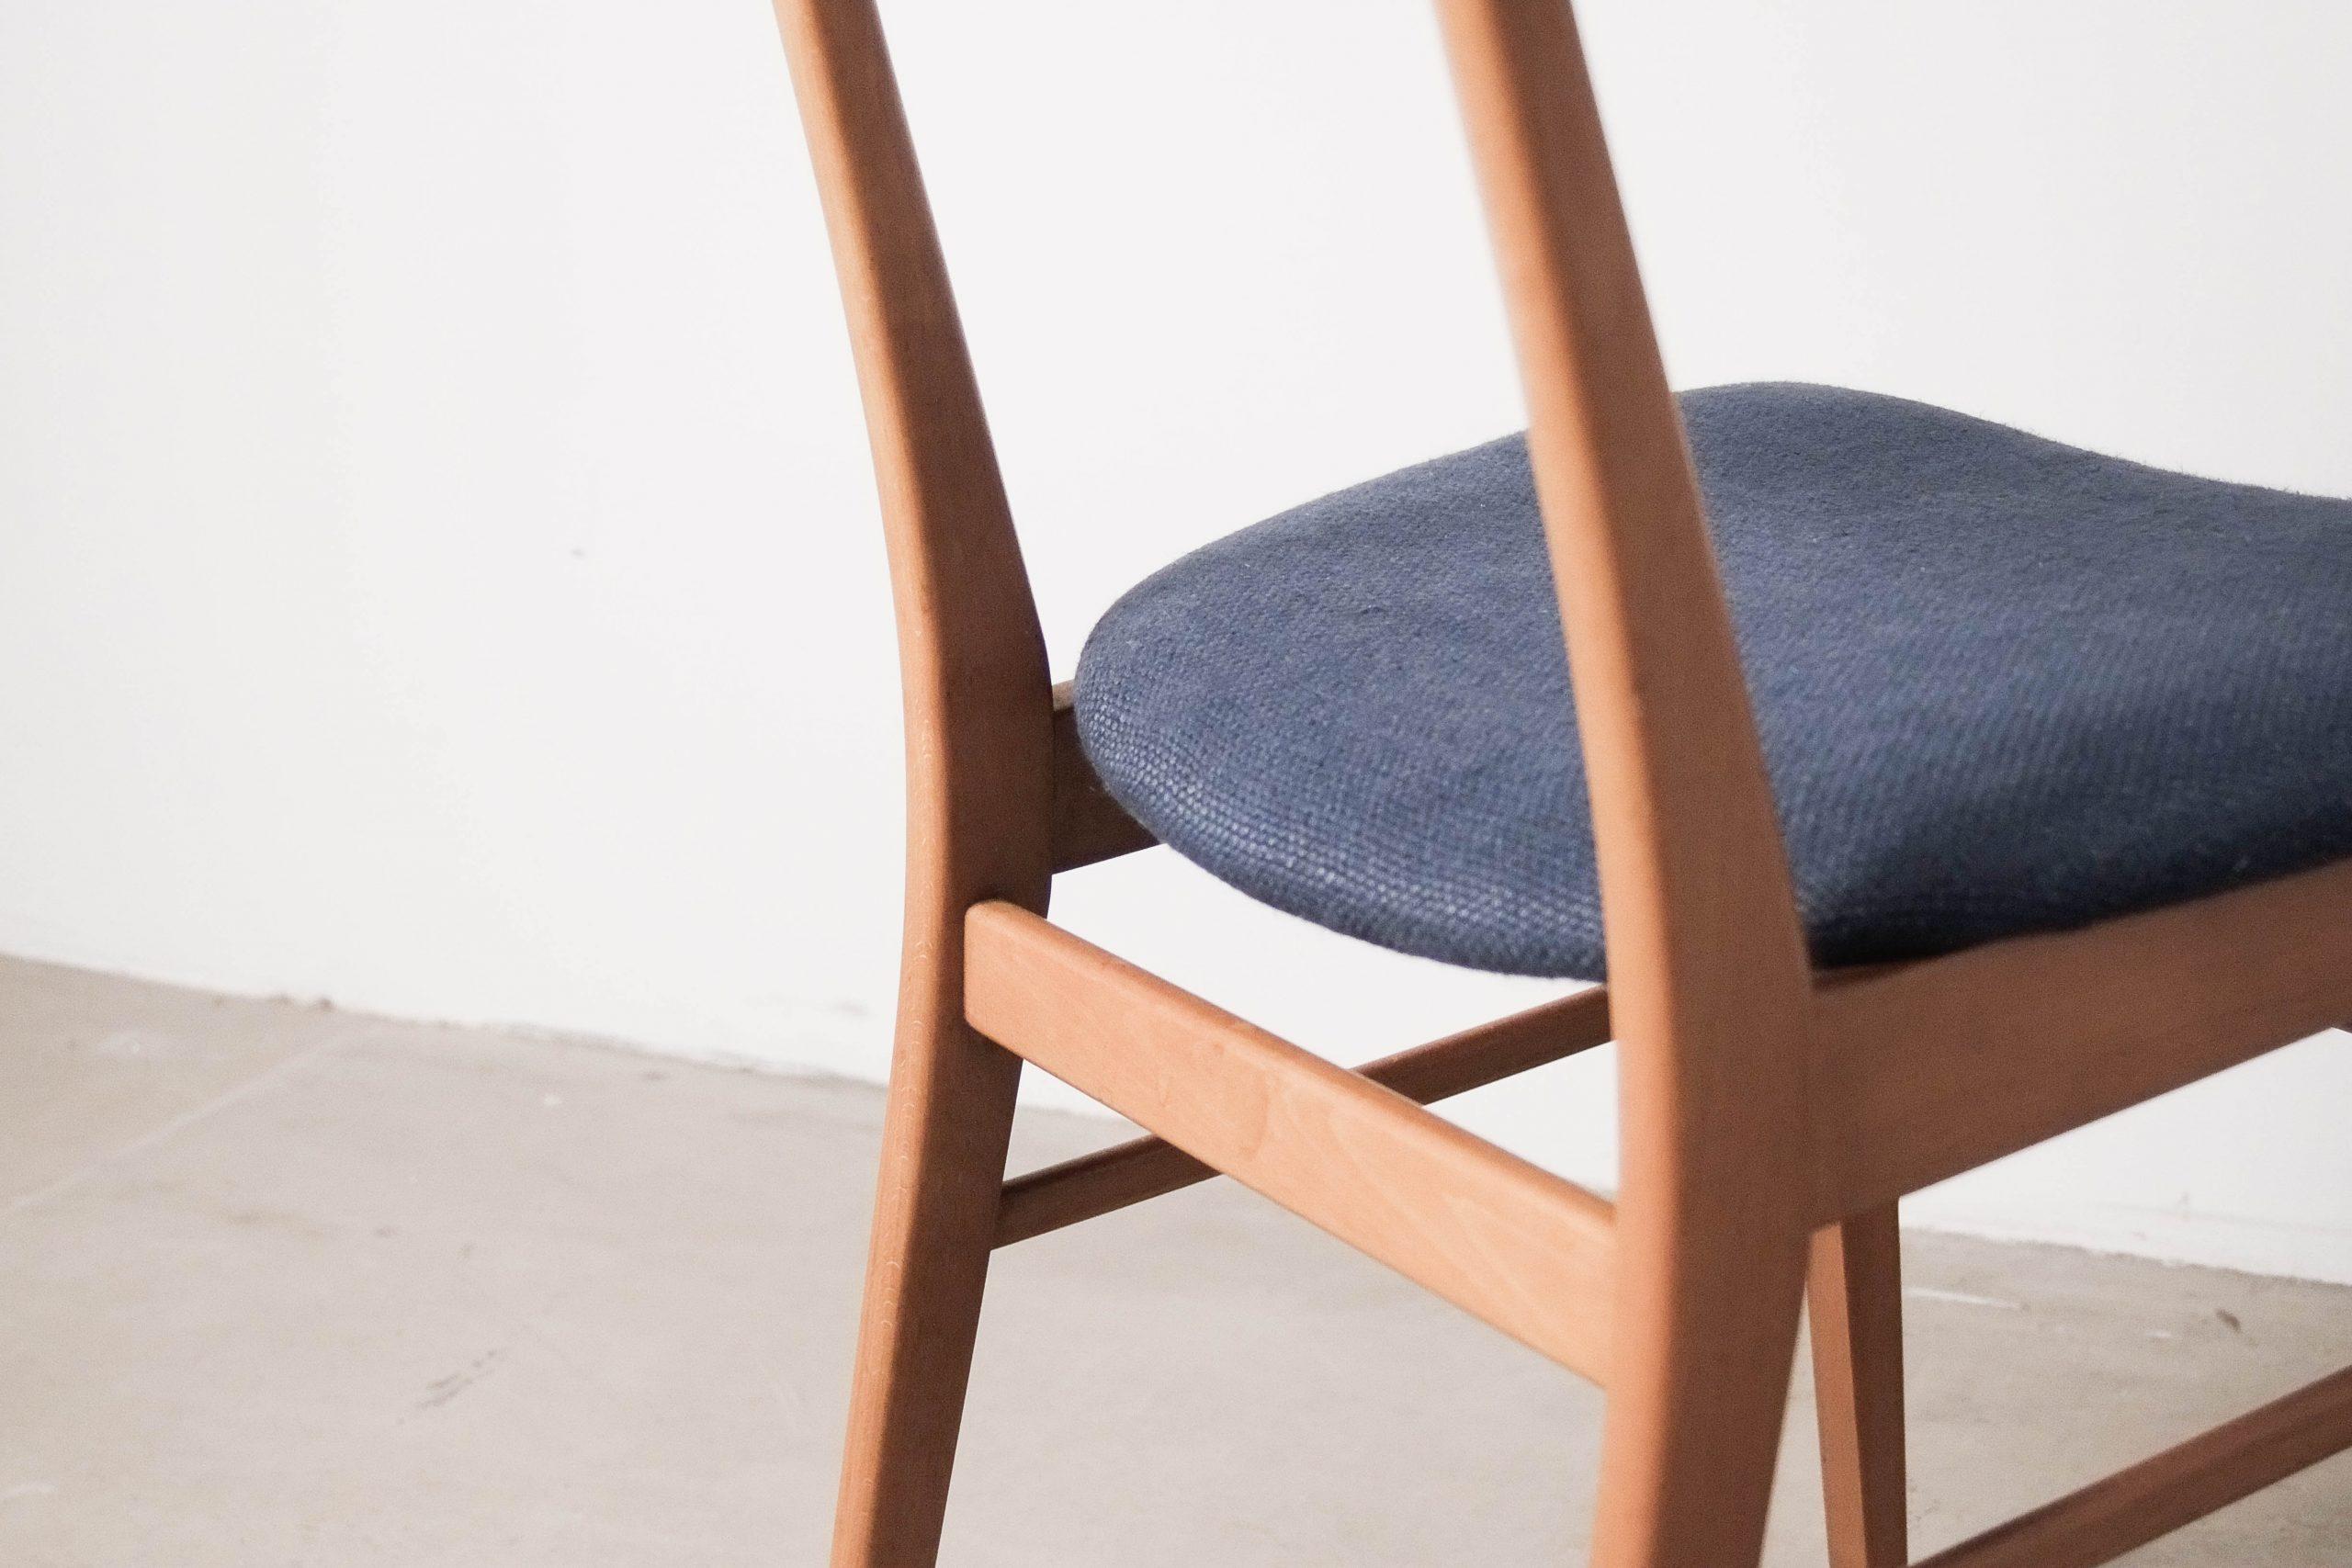 silla teca diseño diseñador mid century calidad tapizada color